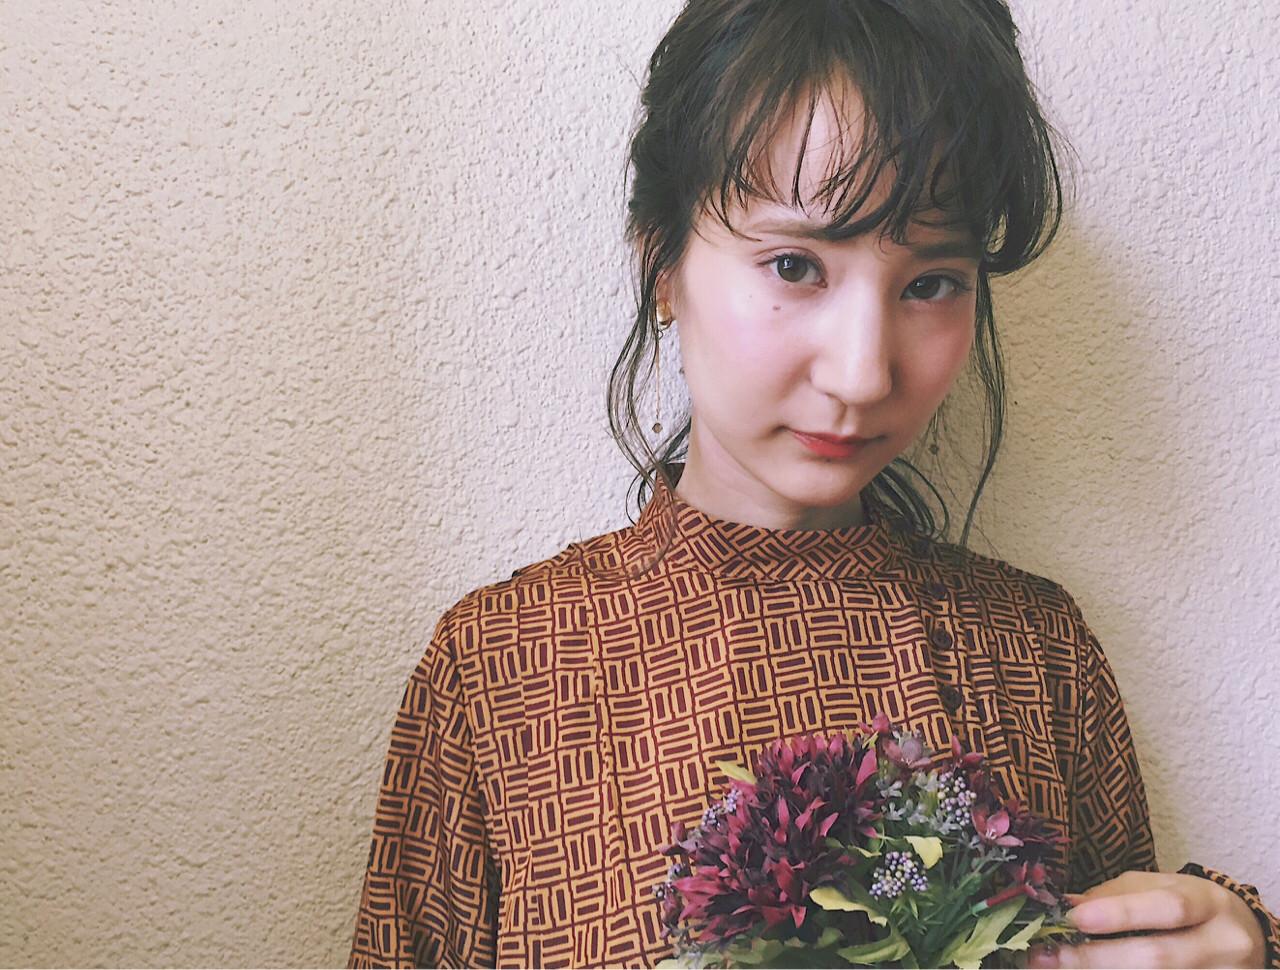 前髪あり 大人かわいい ミディアム 小顔 ヘアスタイルや髪型の写真・画像 | 冨永 真太郎 / 人トナリ